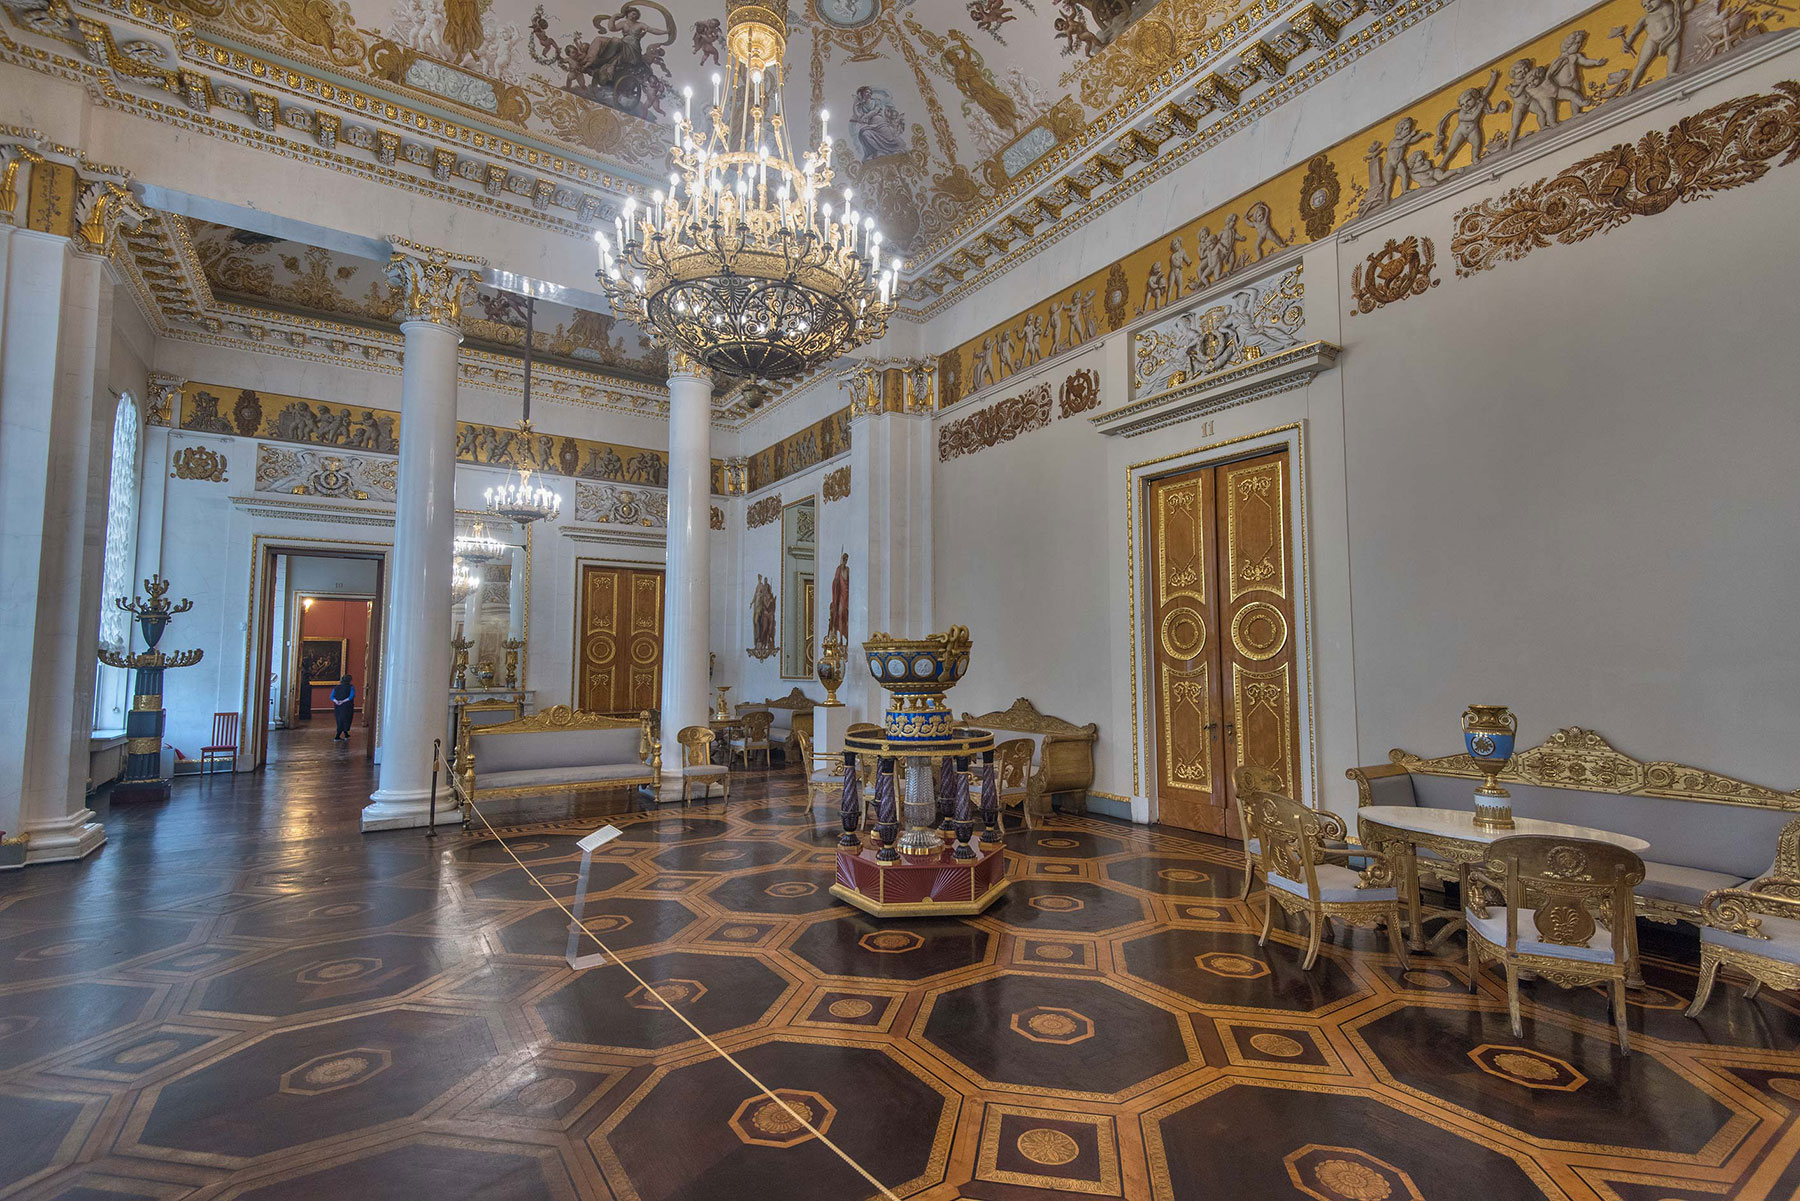 Белый (Белоколонный) зал в Михайловском дворце